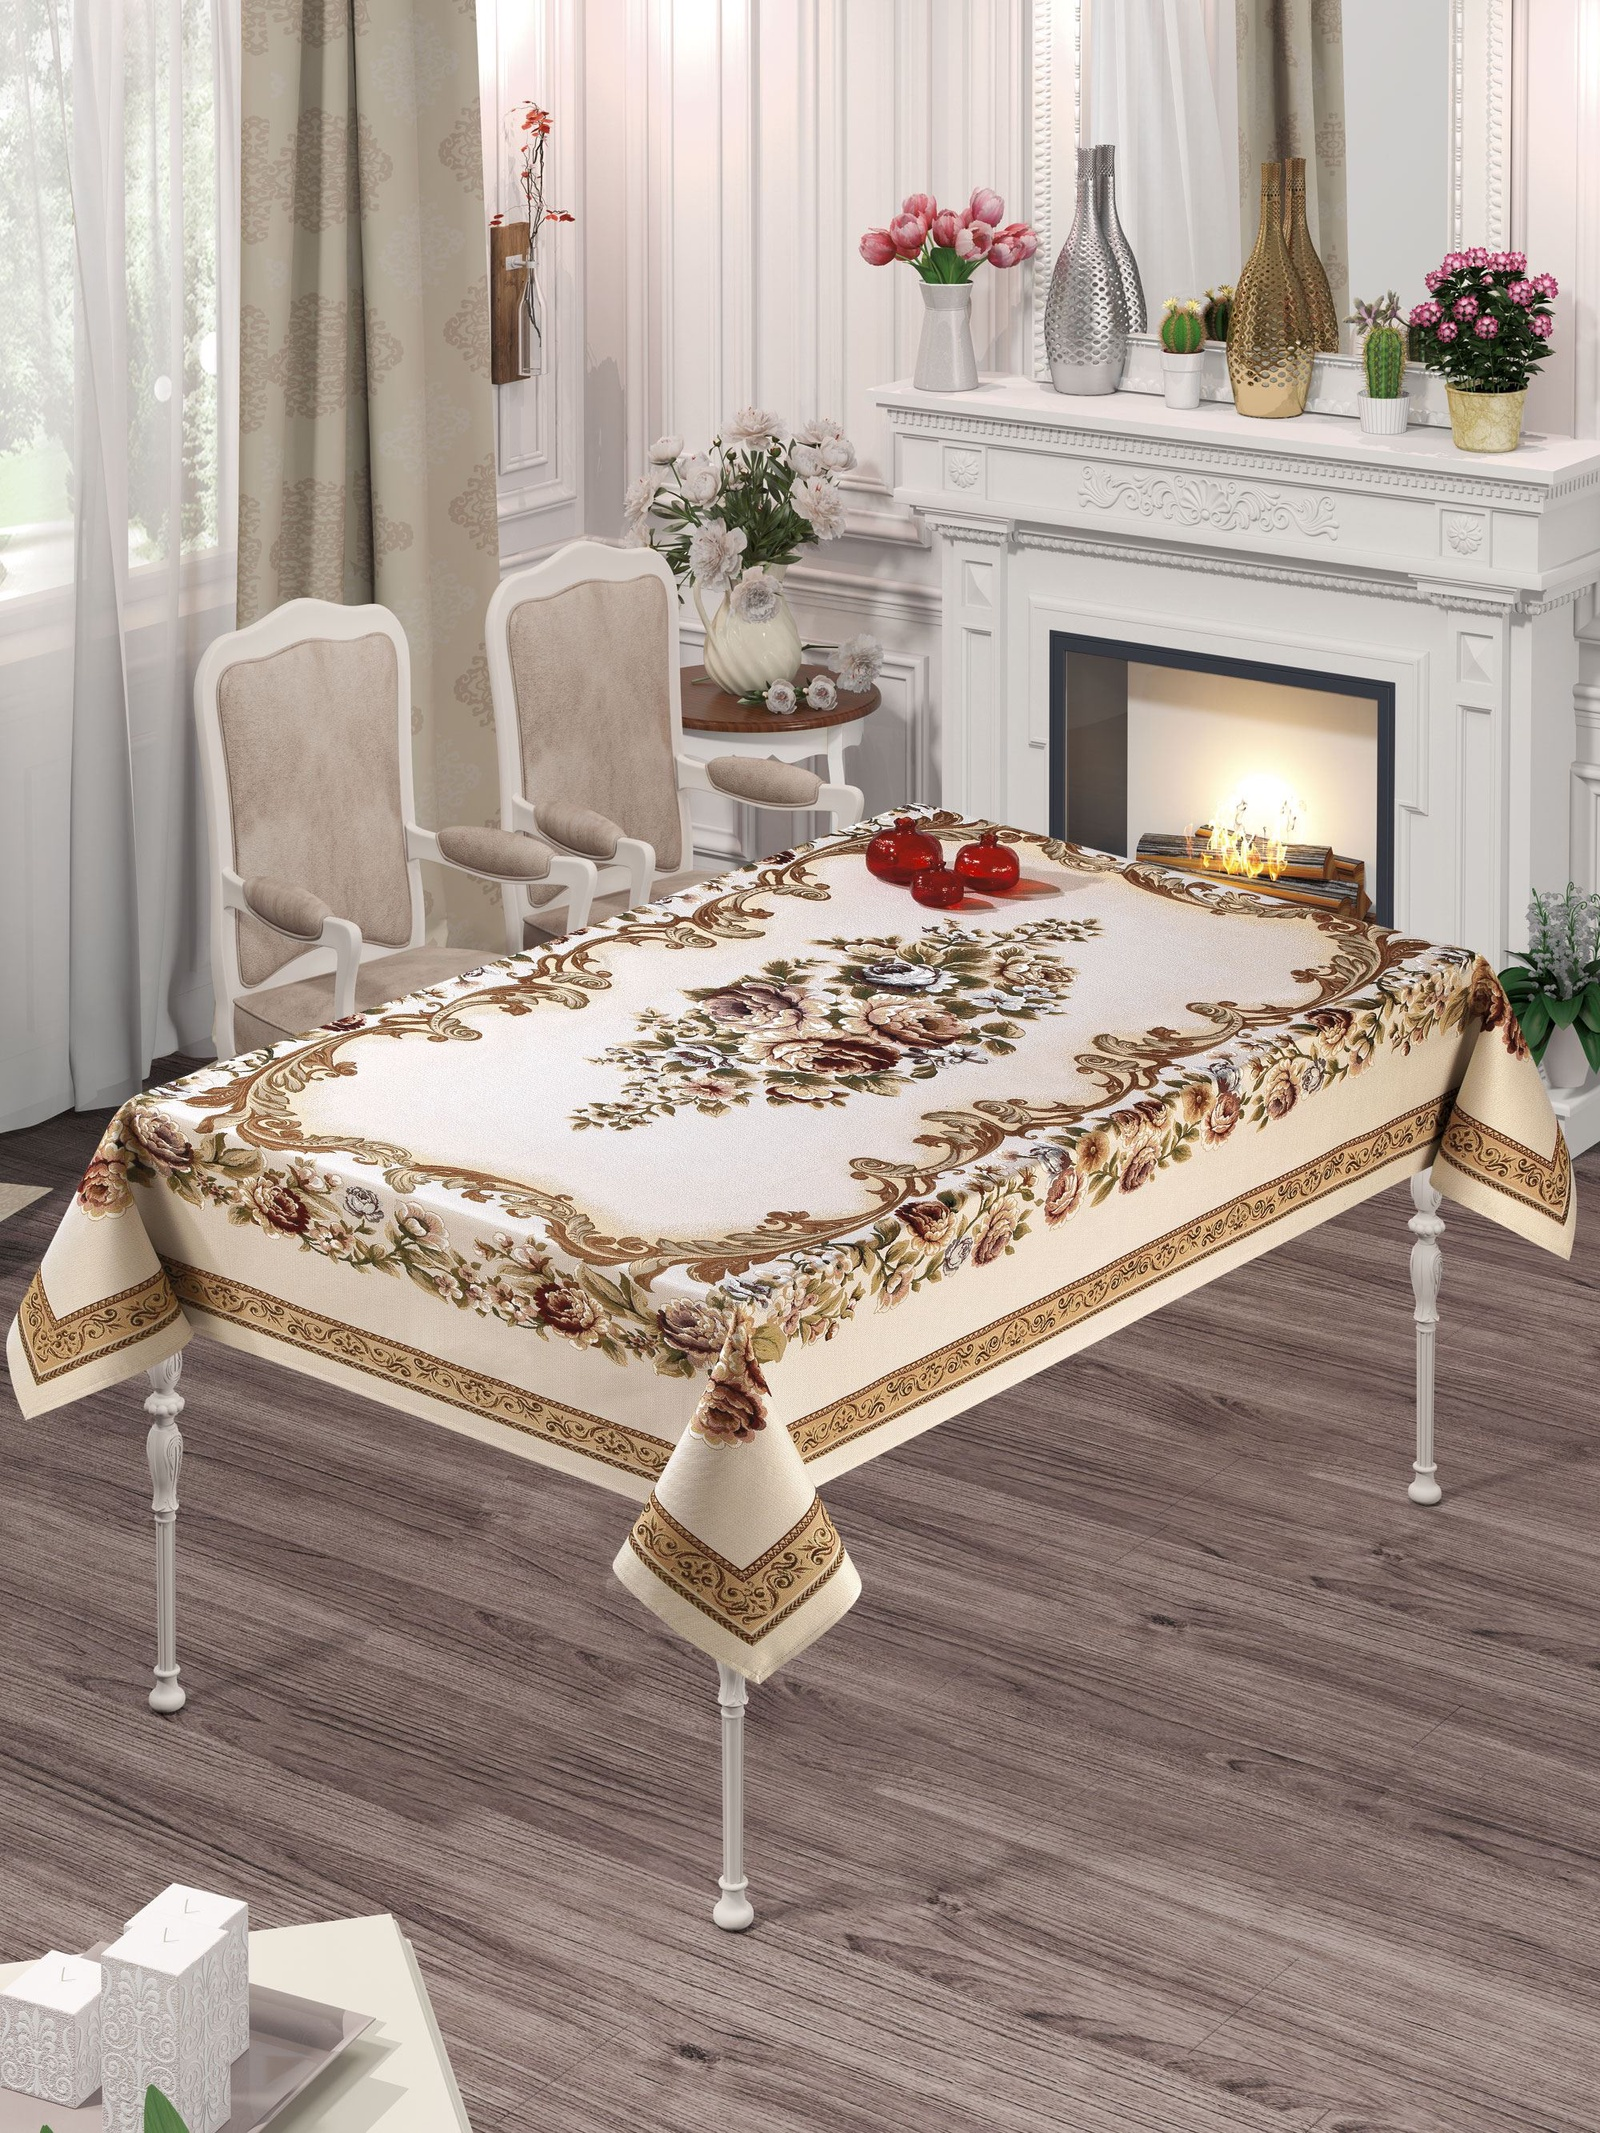 Скатерть DO&CO Kasimpati Lux, 9236, бежевый, светло-коричневый, 160 х 220 см